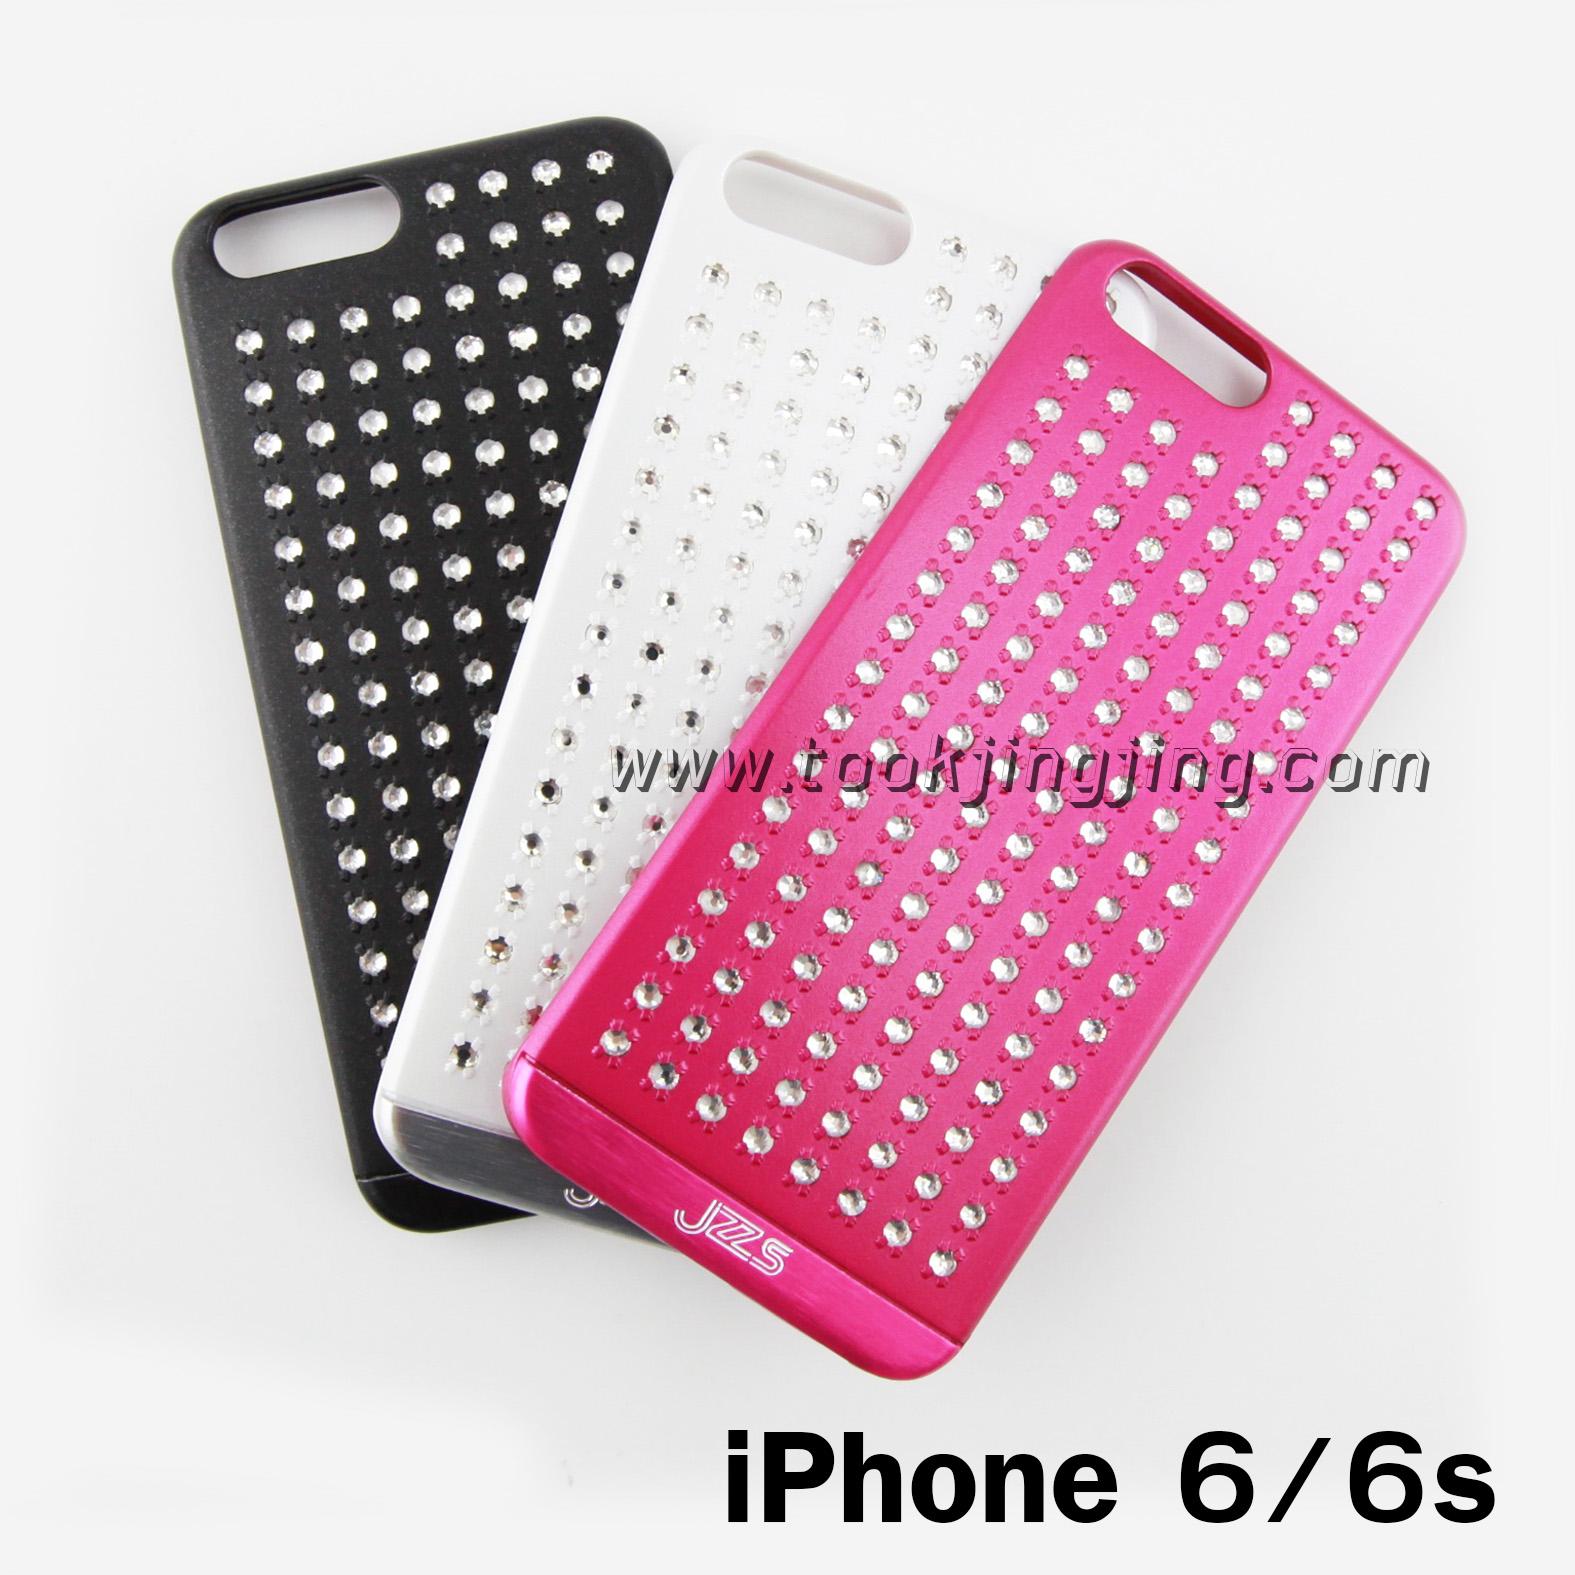 เคสเพชร JZZS iPhone 6/6s ลดเหลือ 39 บาท ปกติ 350 บาท